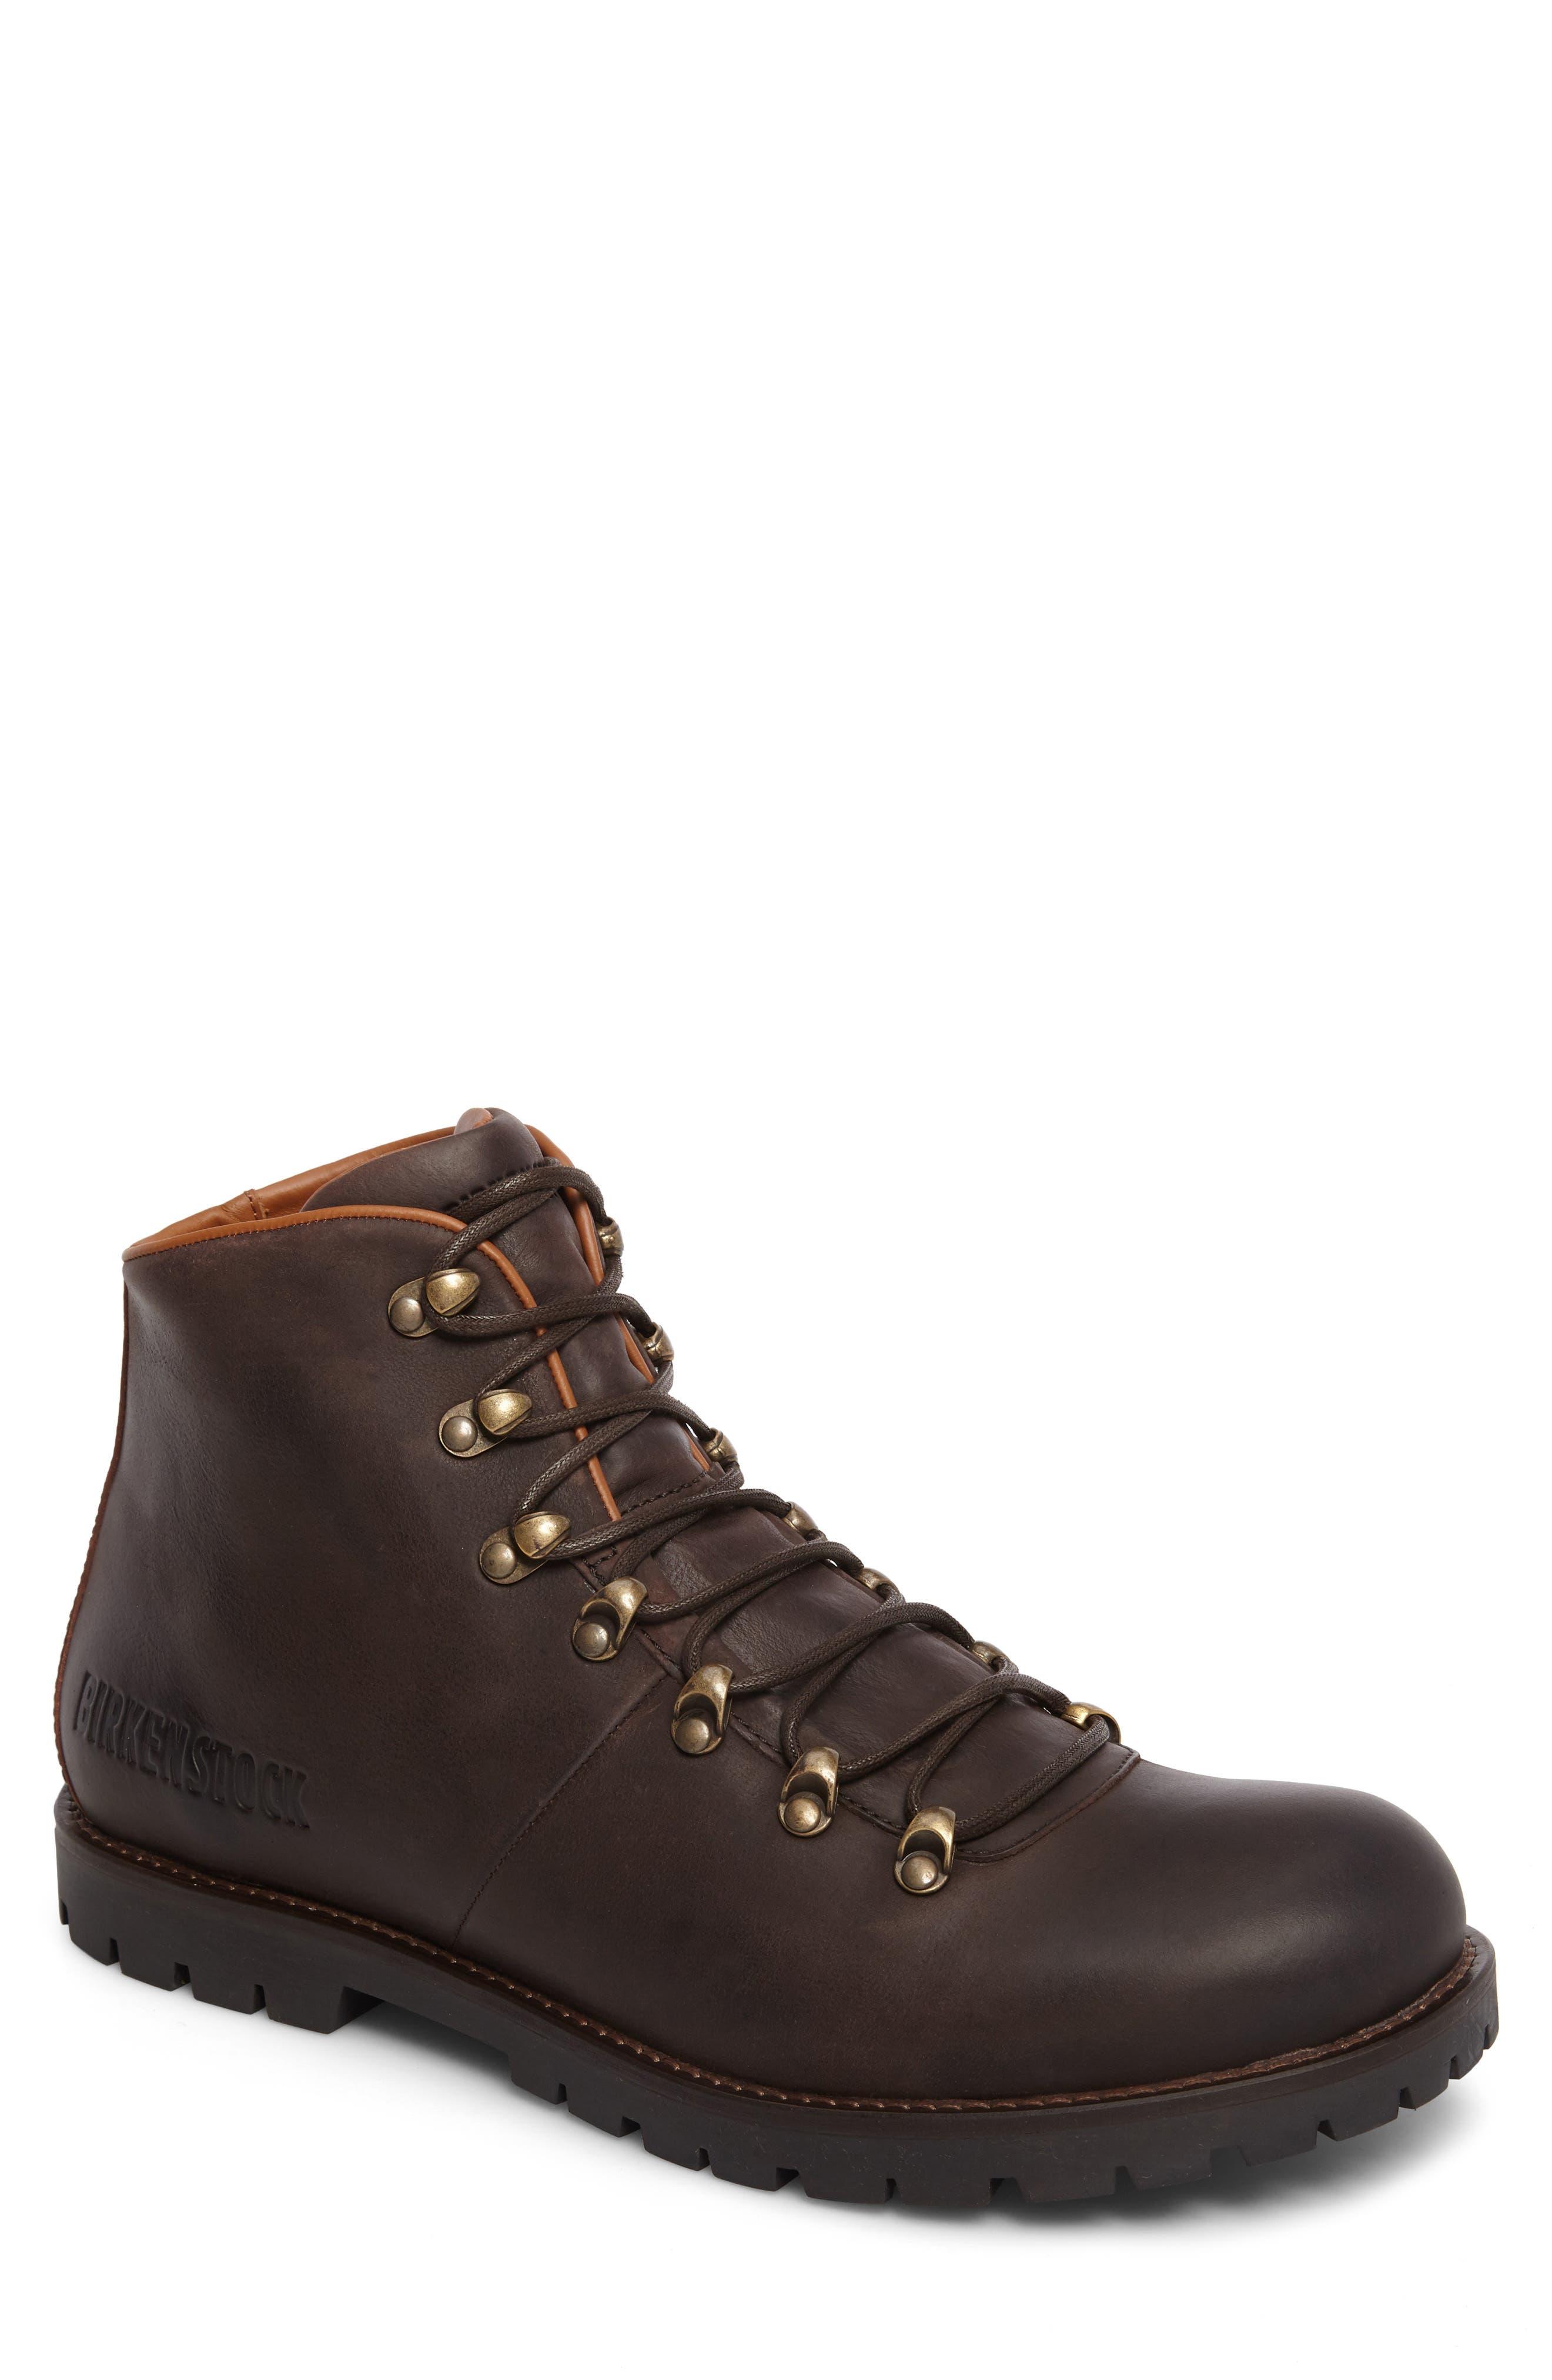 Hancock Plain Toe Boot,                         Main,                         color, Dark Brown